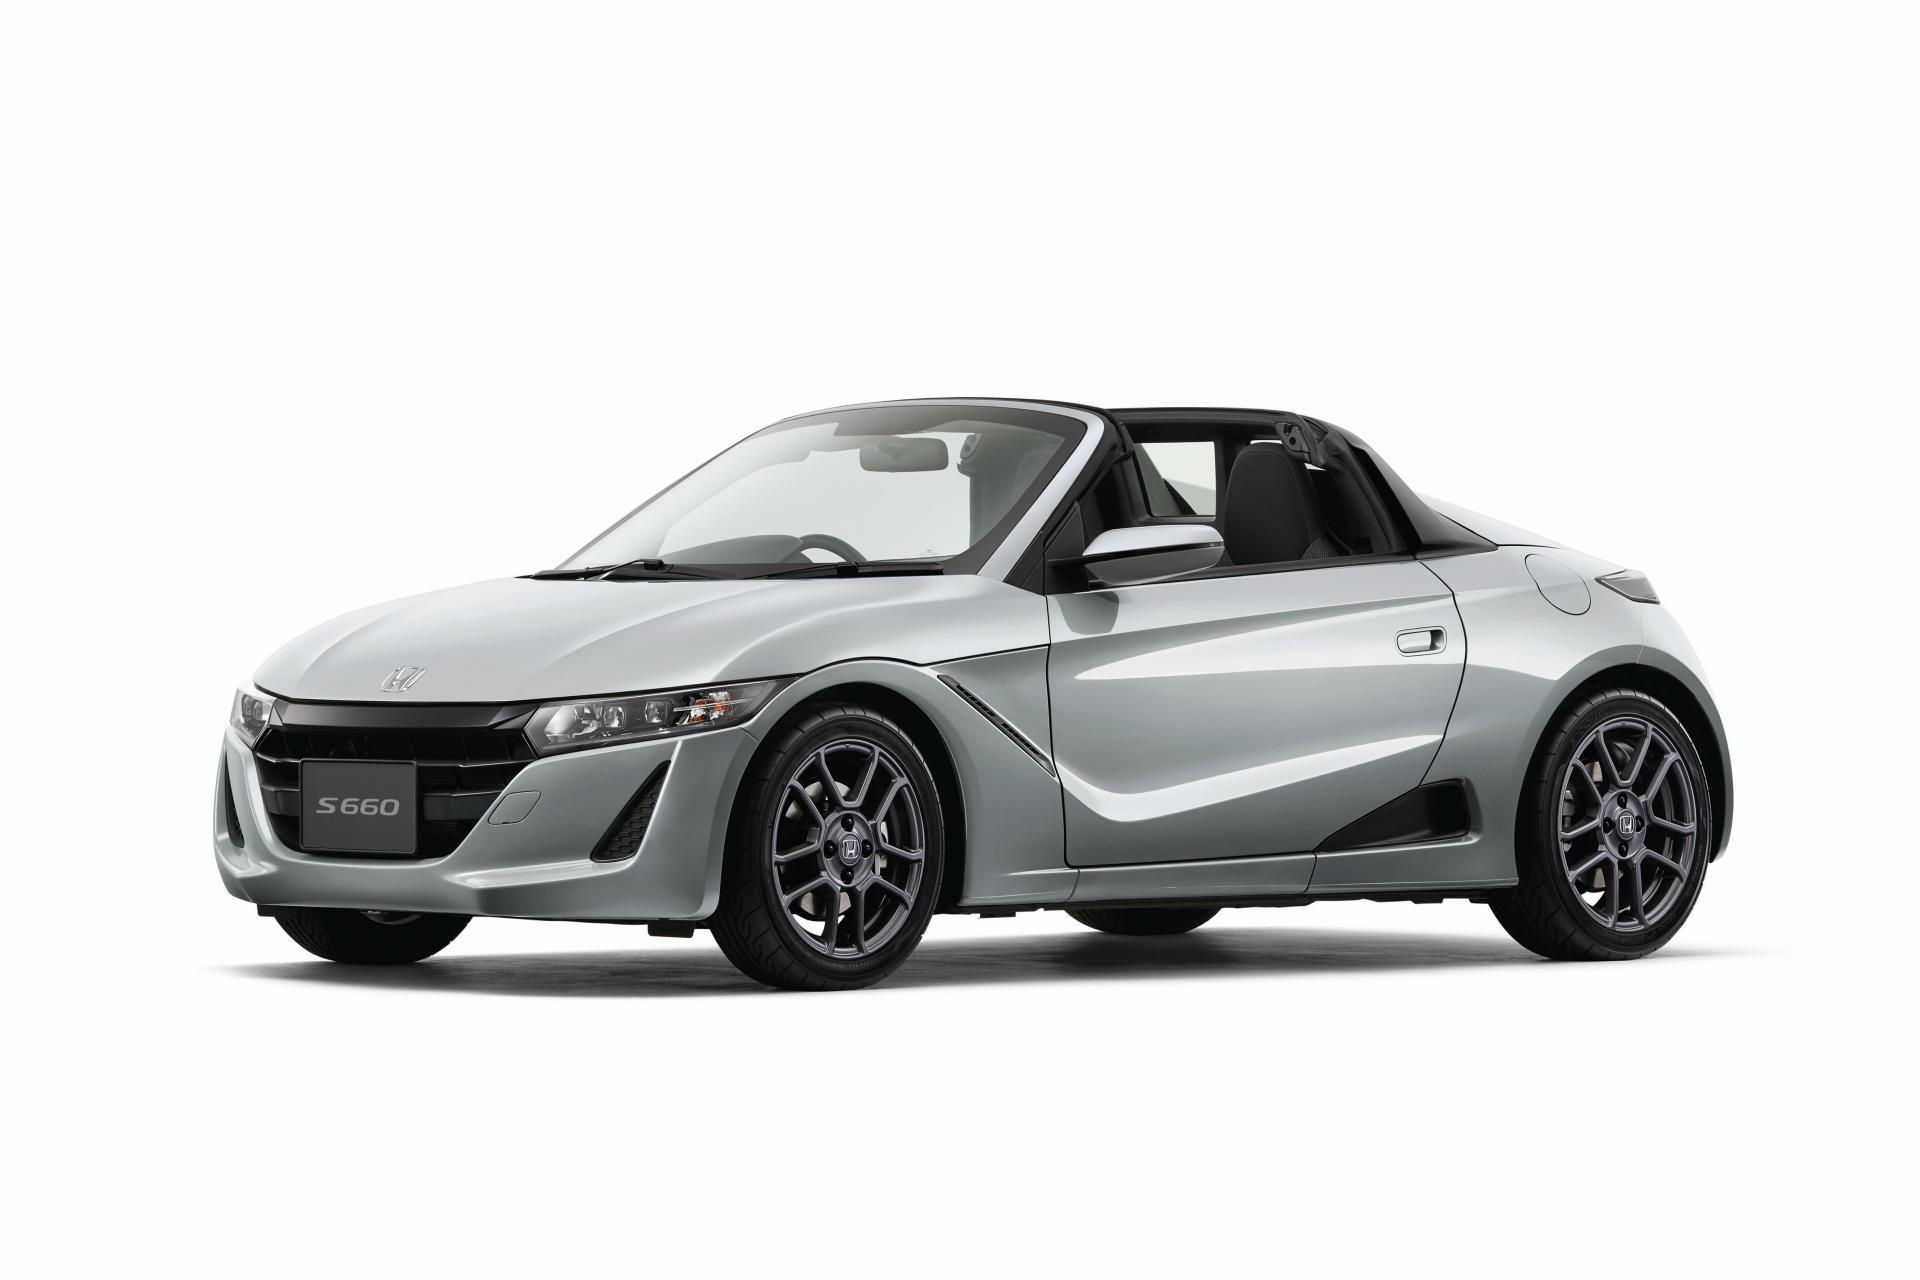 2020_Honda_S660_facelift_0007